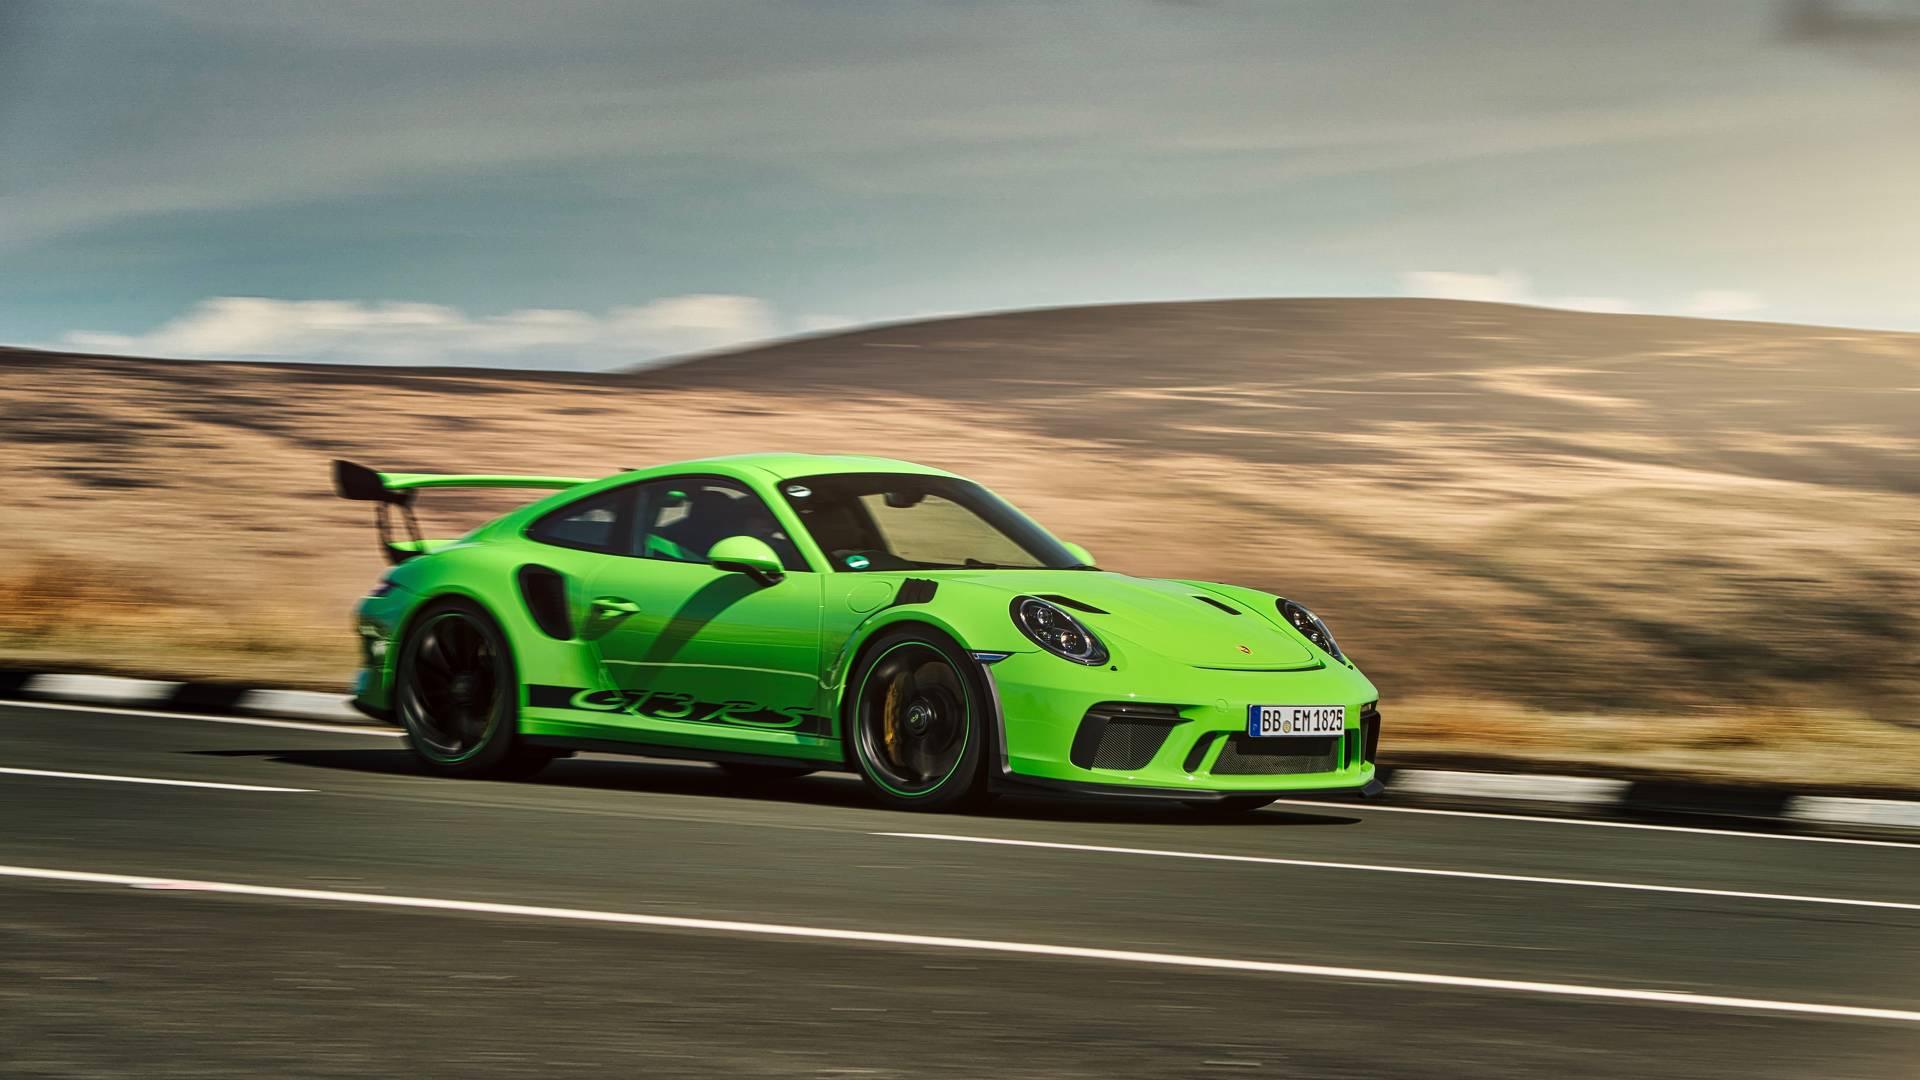 Novi Porsche 911 GT3 RS dobija motor s nešto većom radnom zapreminom